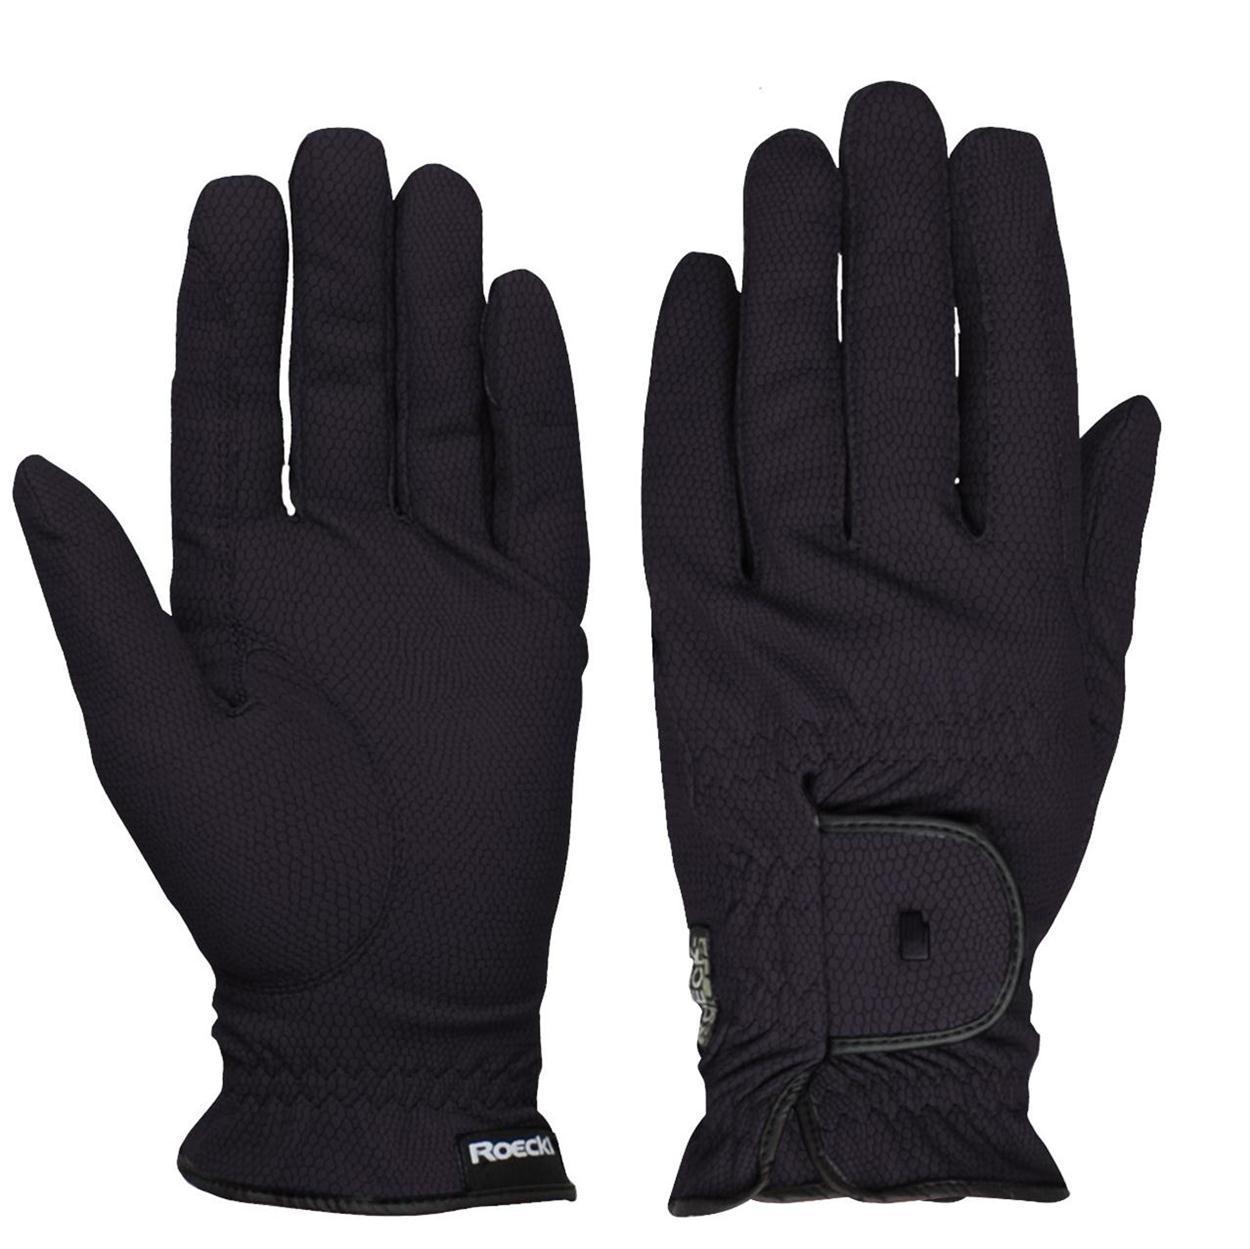 Roeckl Roeck grip Handschoen zwart maat:10,5